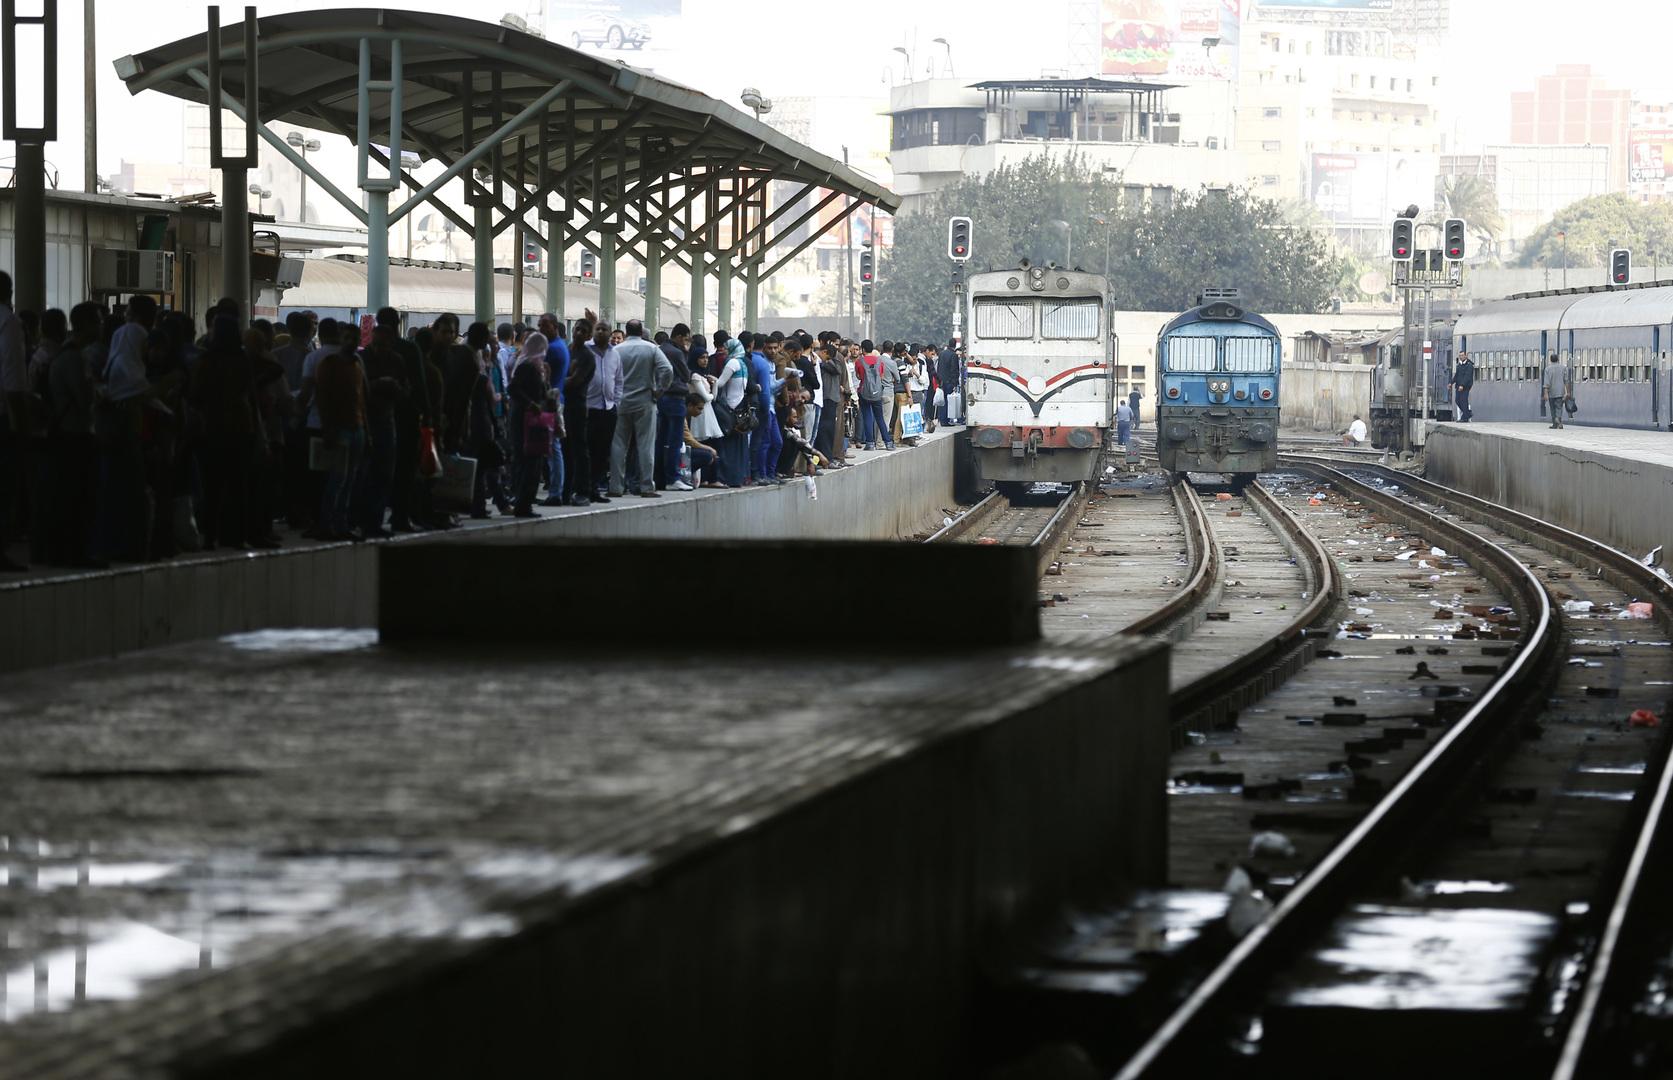 مصر.. مصرع شخص بحادث تصادم قطار وشاحنة في السويس (صور)